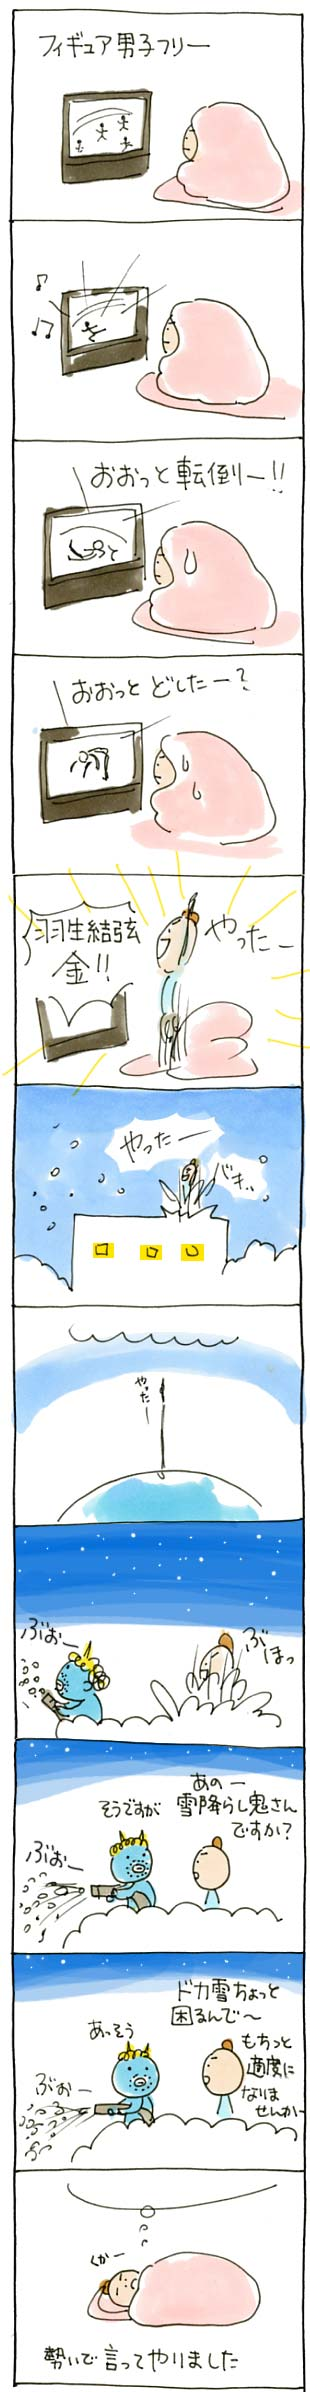 羽生君とどか雪